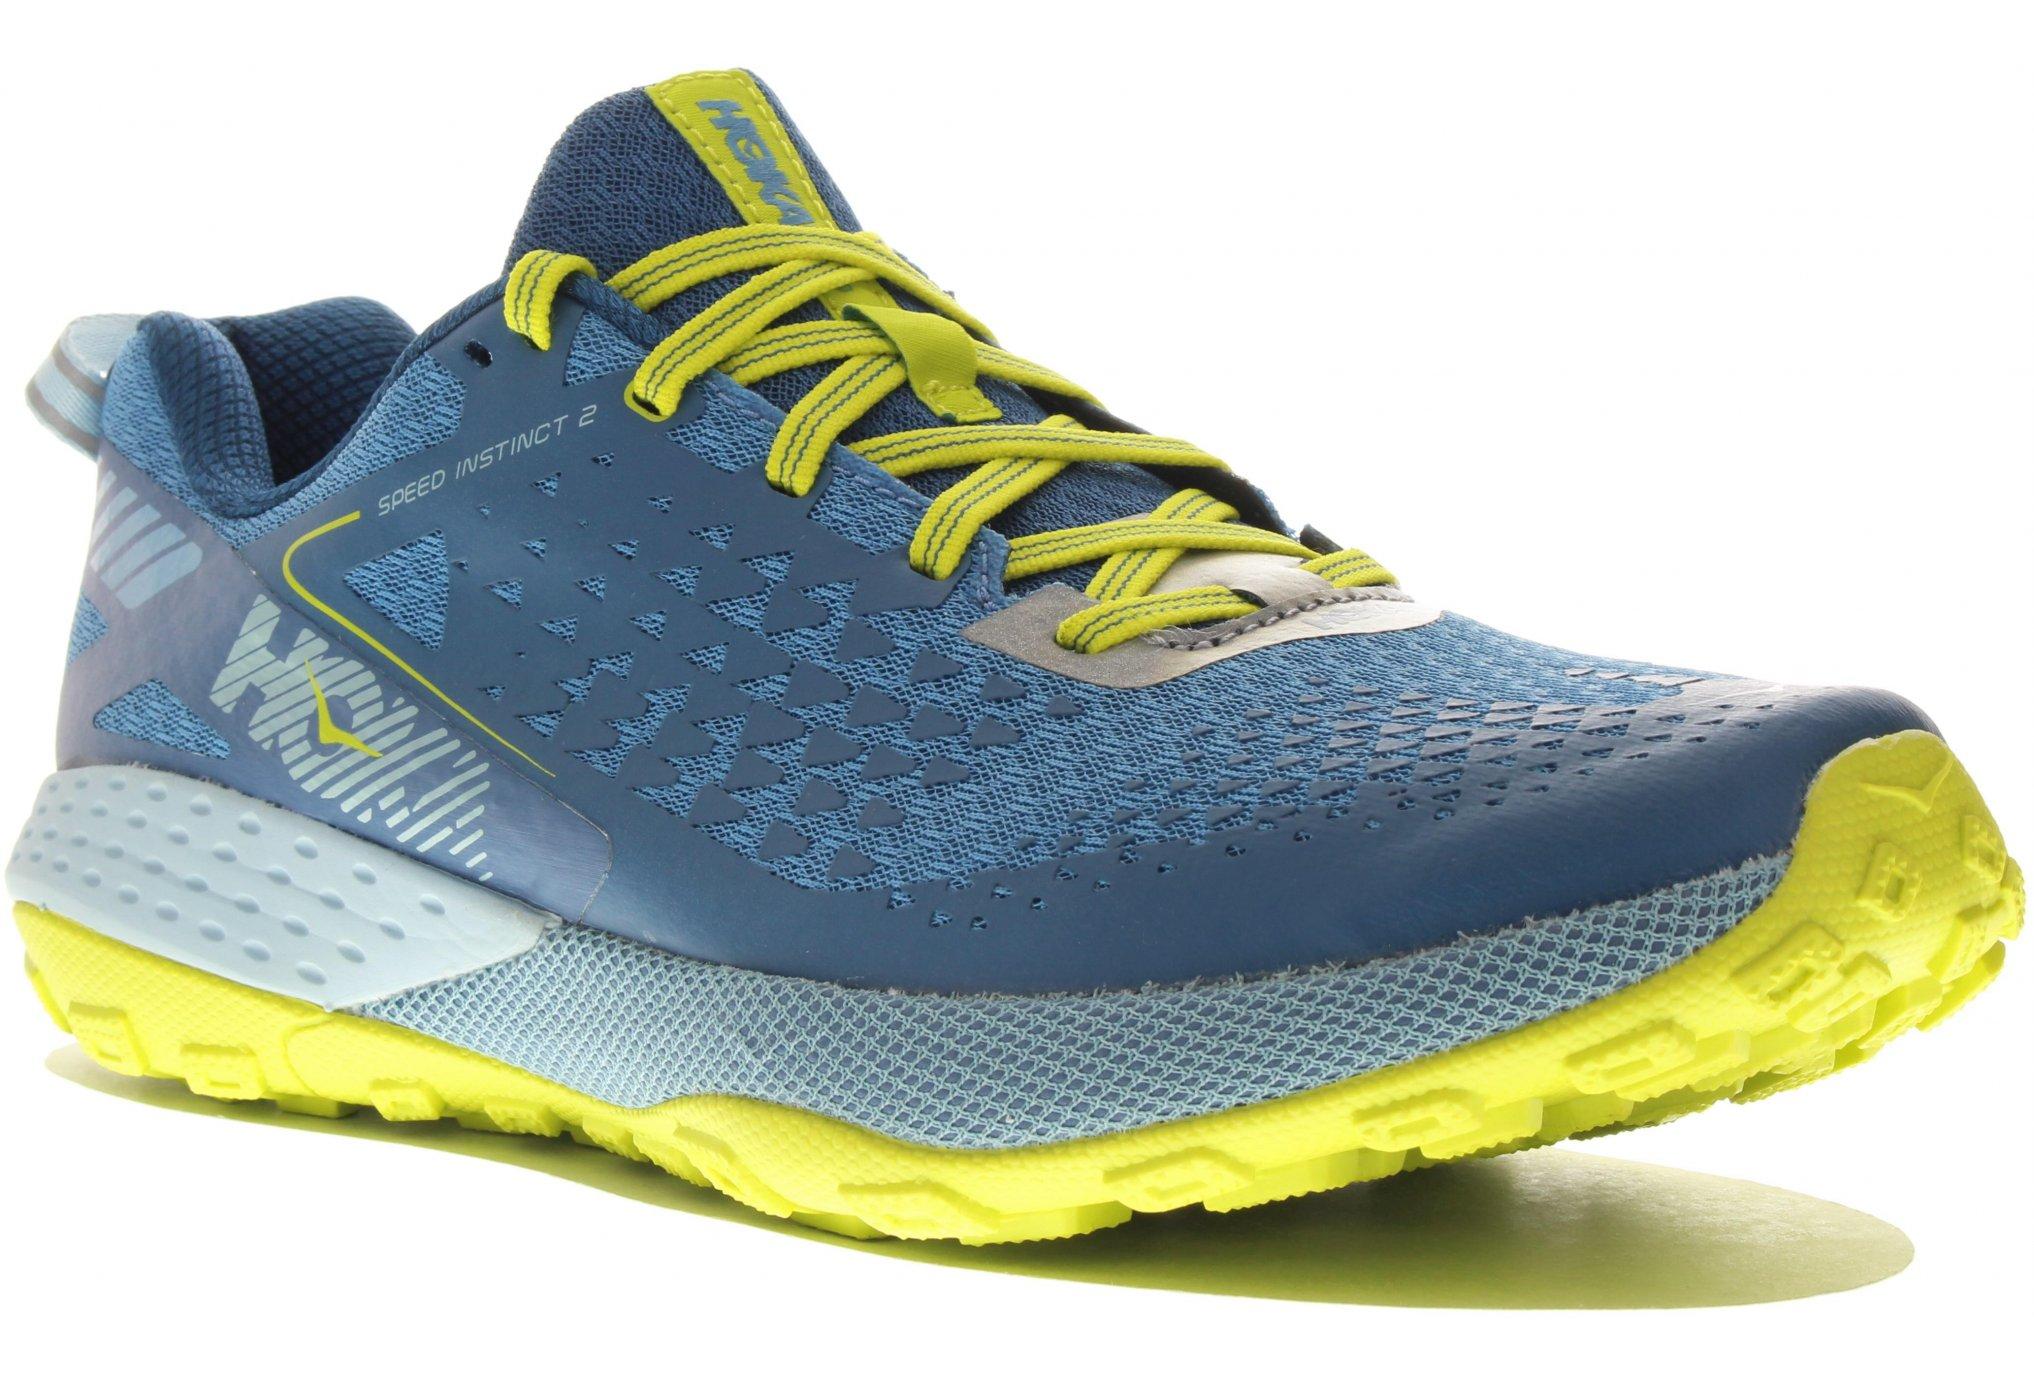 vente au royaume uni meilleure qualité top design Sélection chaussures mixtes route et chemins – U Run